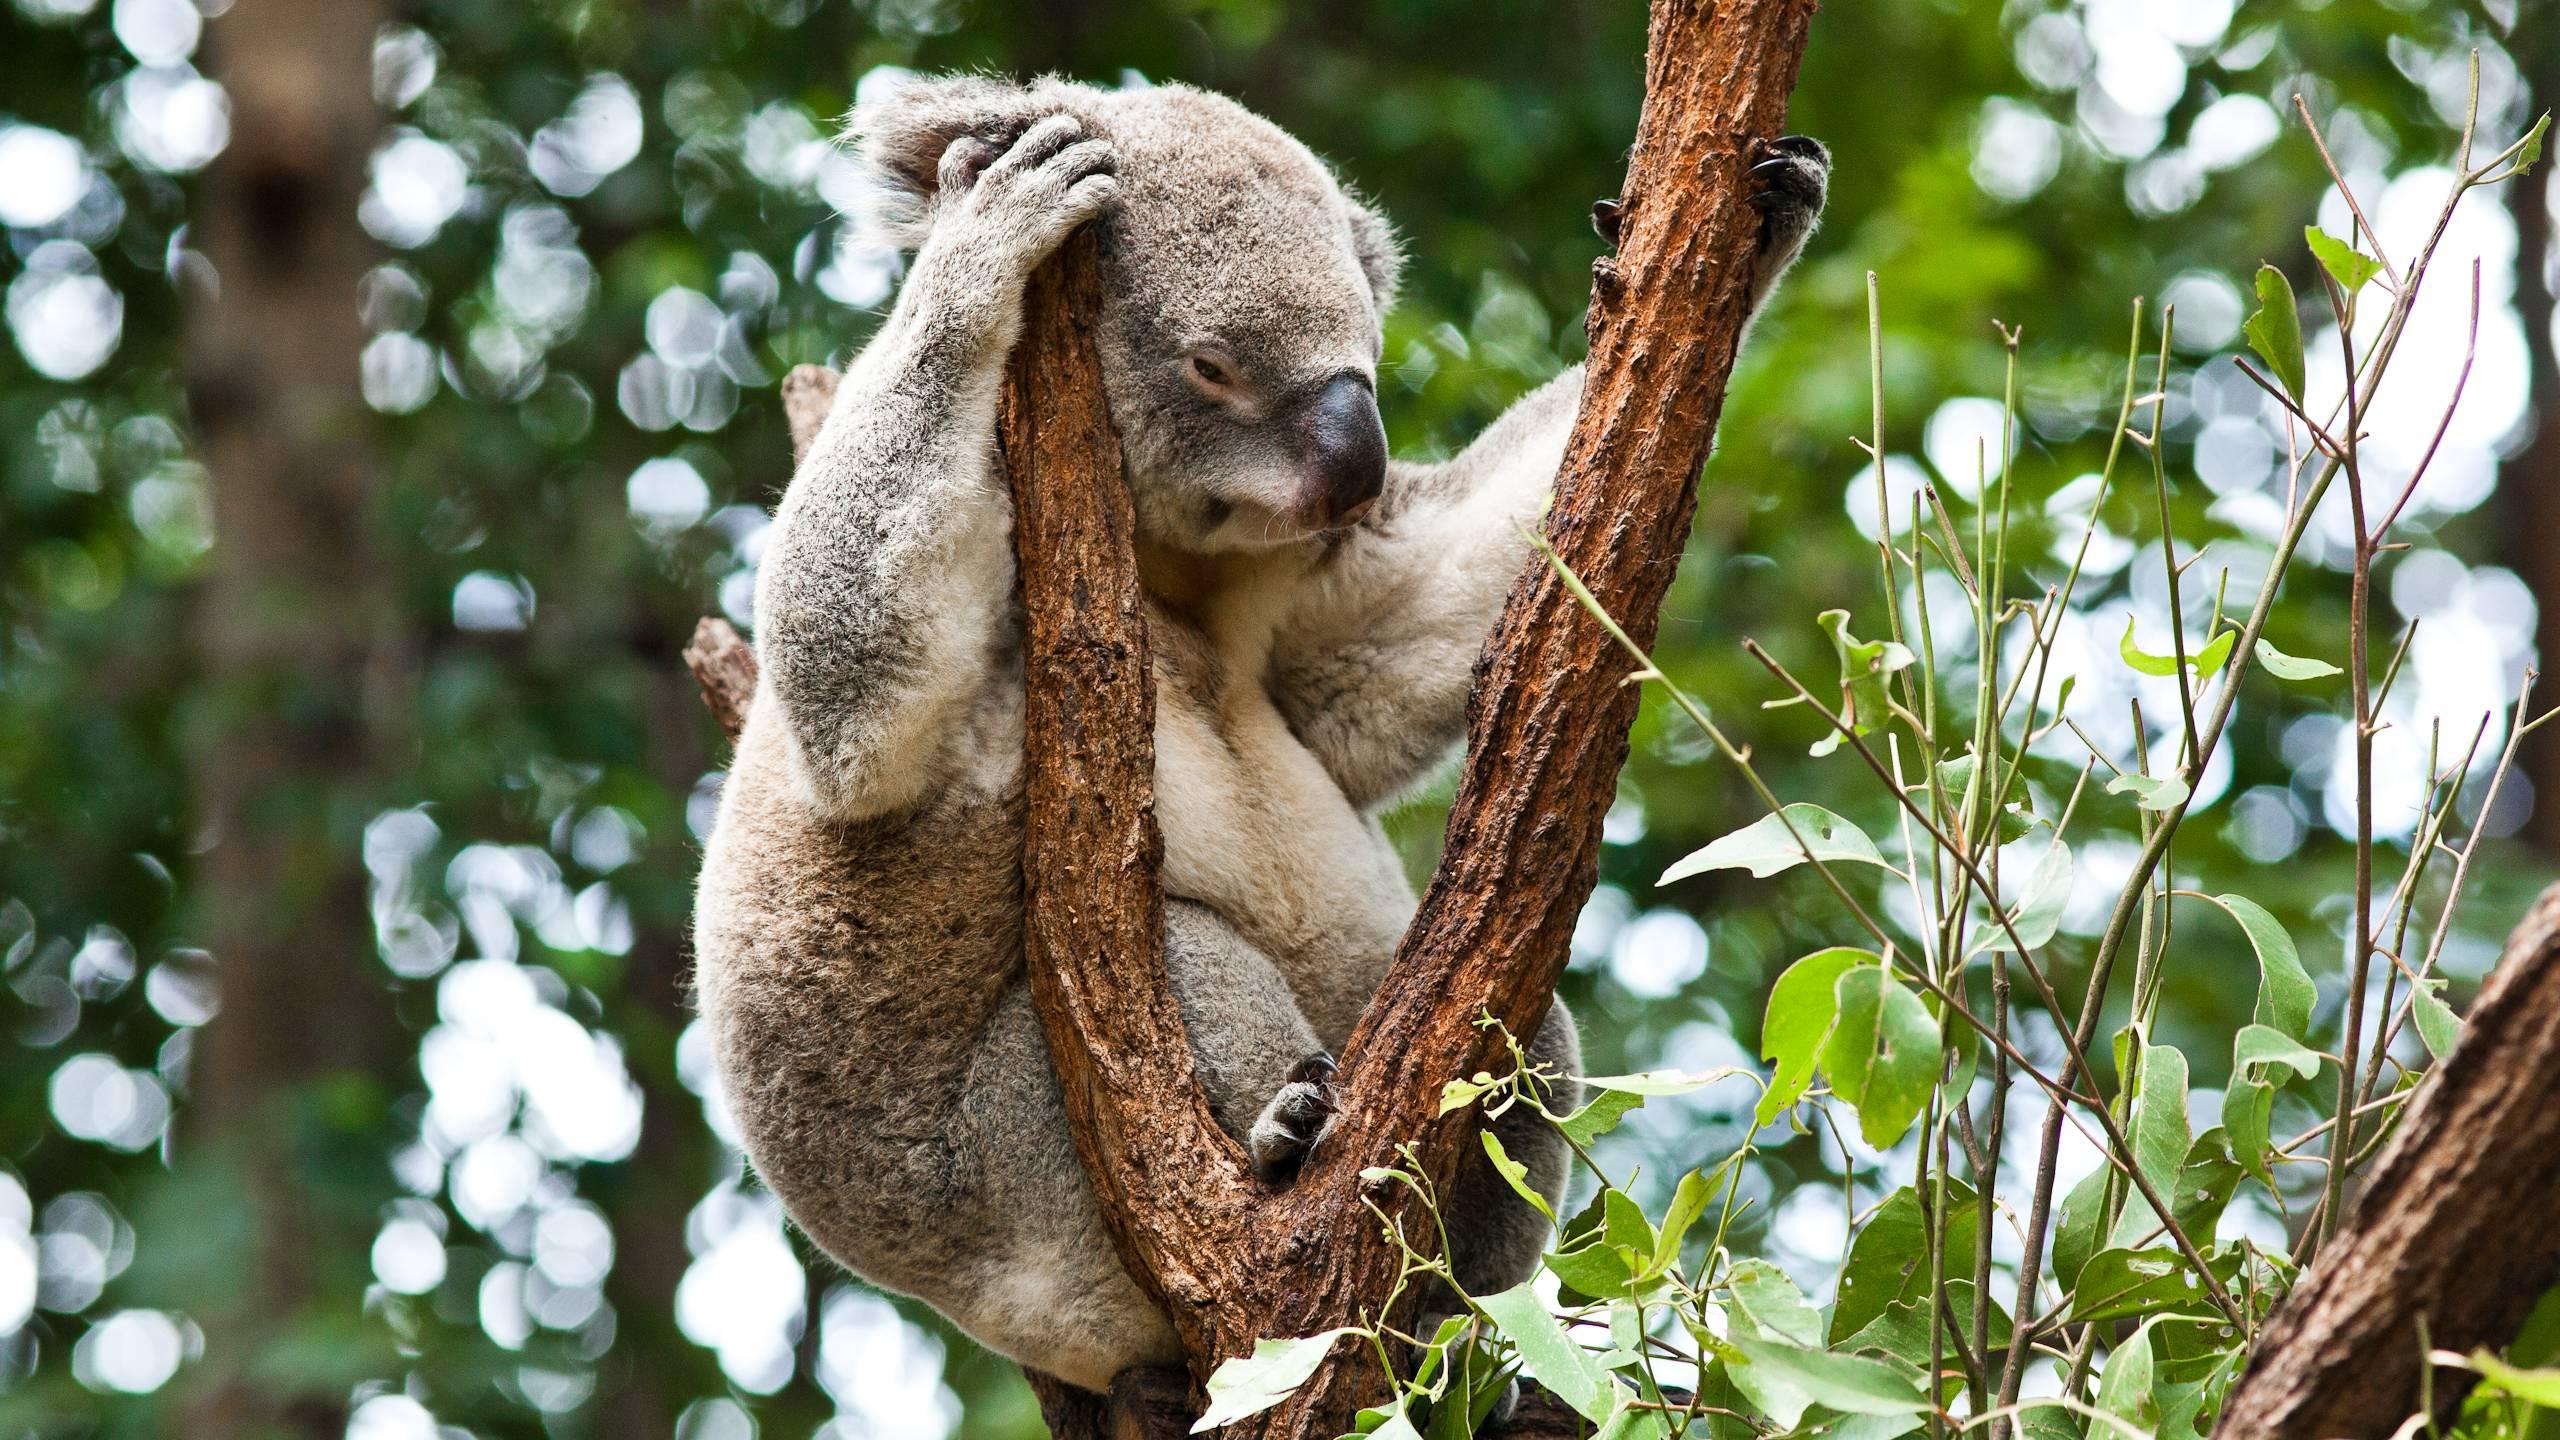 Free Koala Wallpaper 37422 2560x1440 px